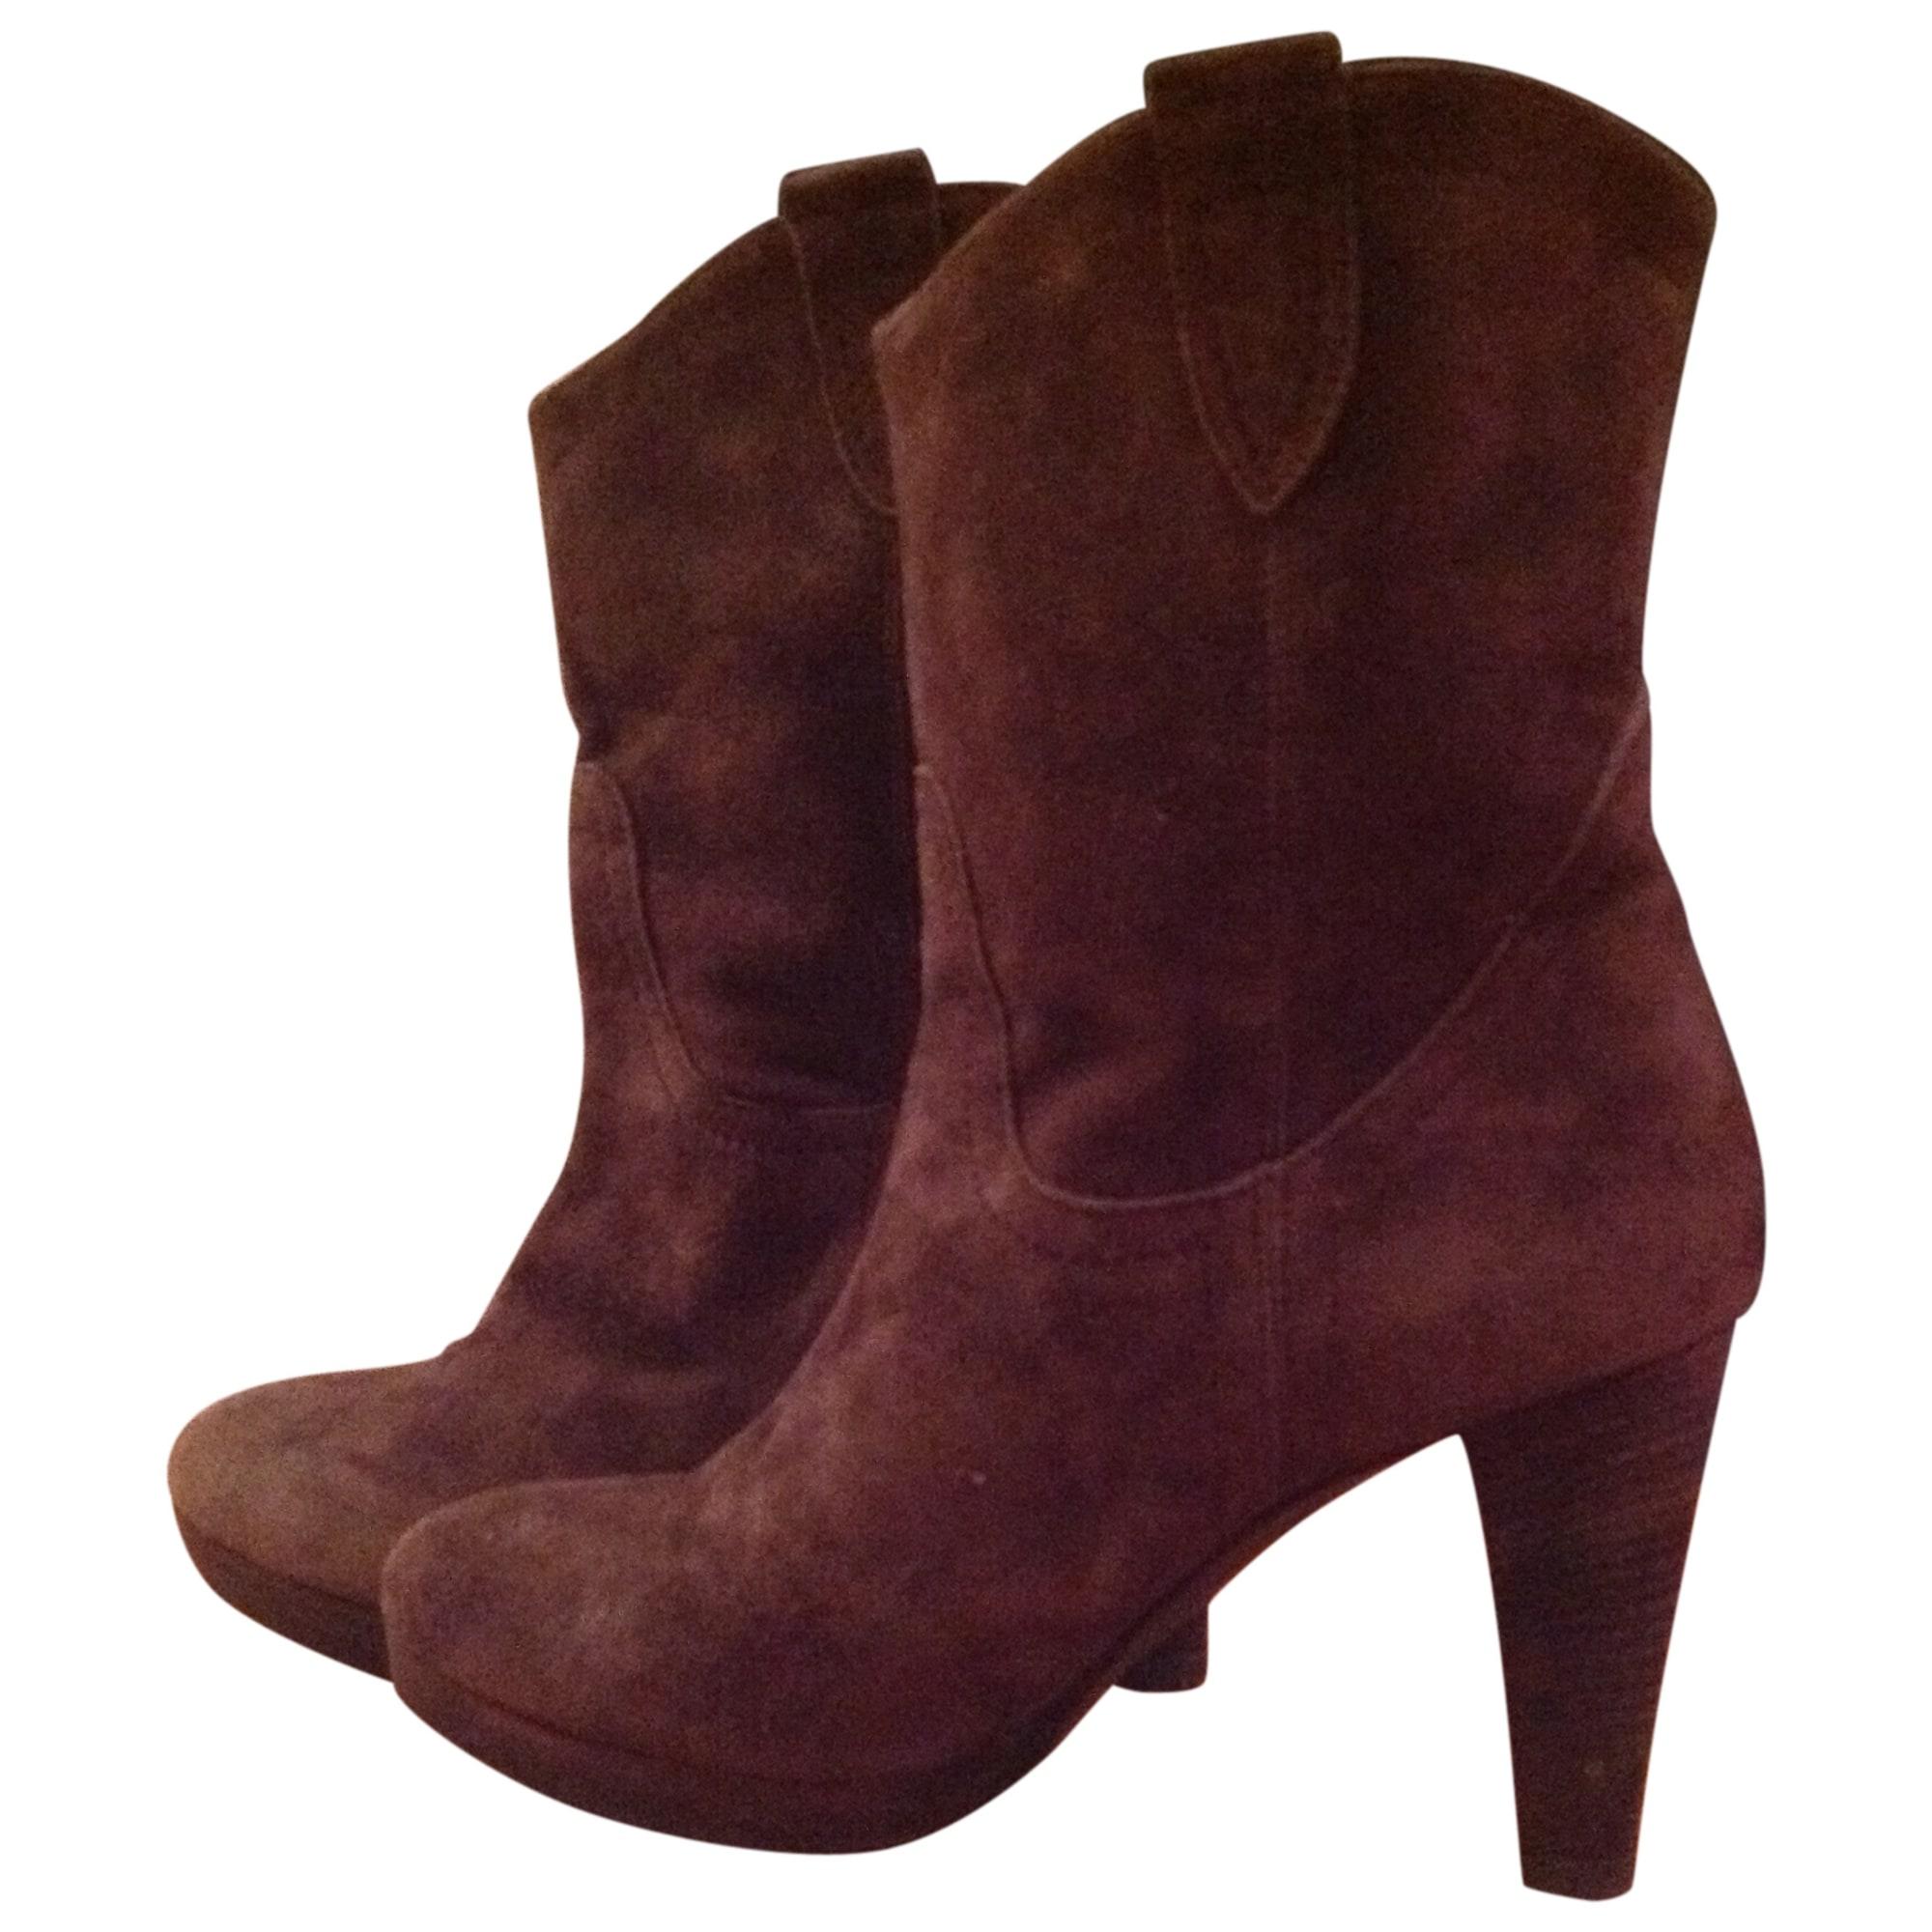 0c4abfae3f9 Bottines   low boots à talons MINELLI 40 marron brun reflets - 2221472